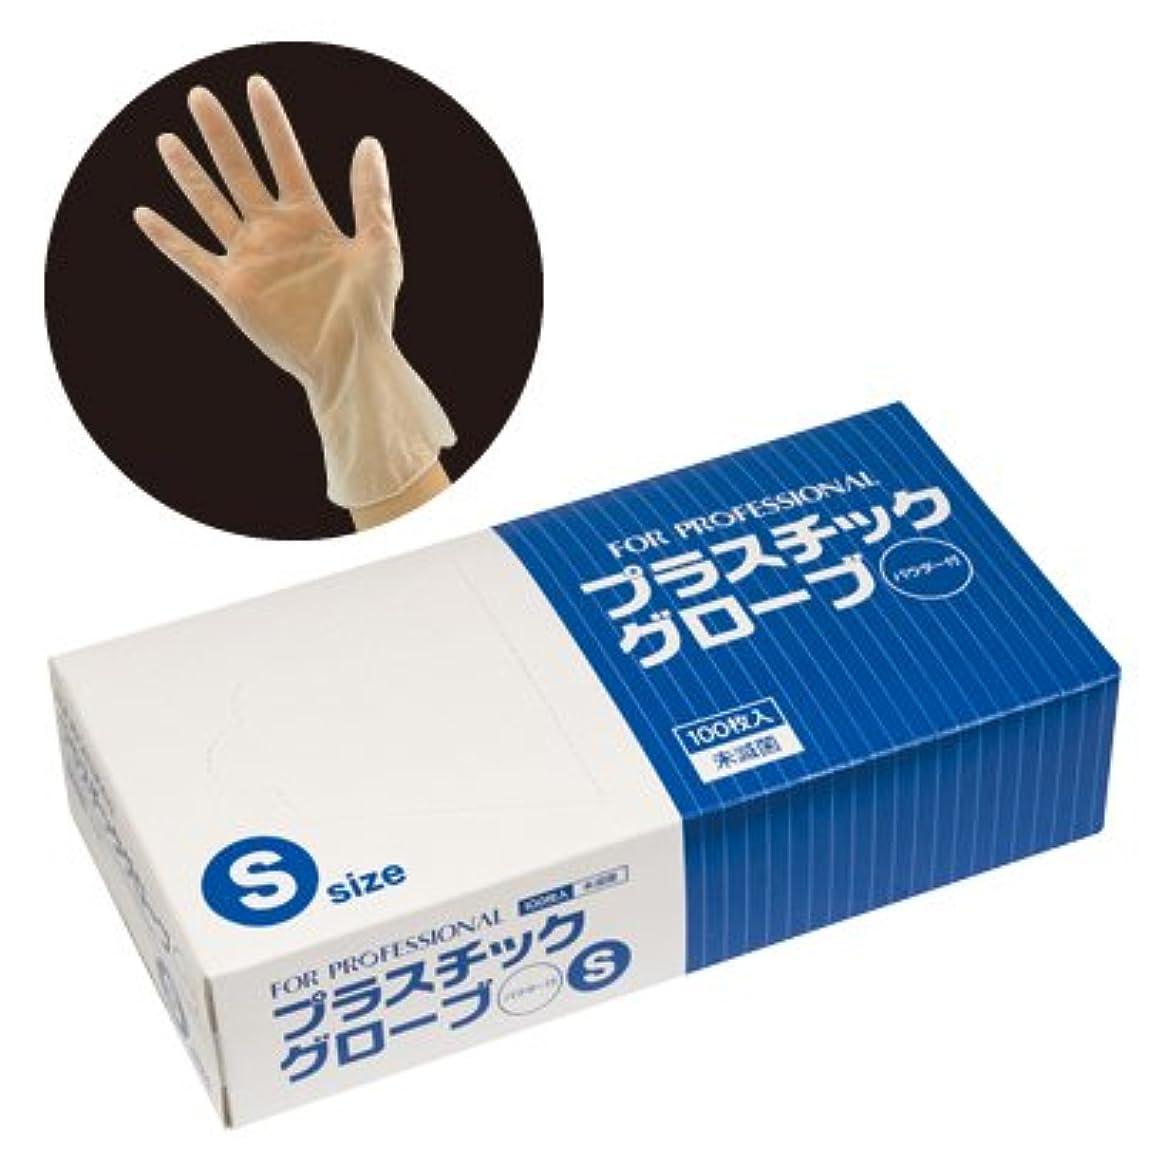 ペック自宅でクリーク【業務用】 FEED(フィード) プラスチックグローブ(手袋) パウダー付/S カートン (作業用) 100枚入×10ケース (329.4円/1個あたり)